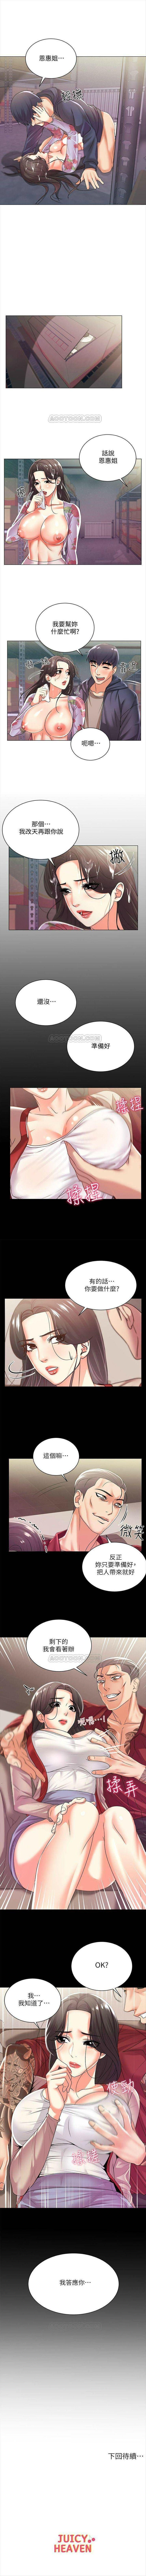 (週3)超市的漂亮姐姐 1-18 中文翻譯(更新中) 98